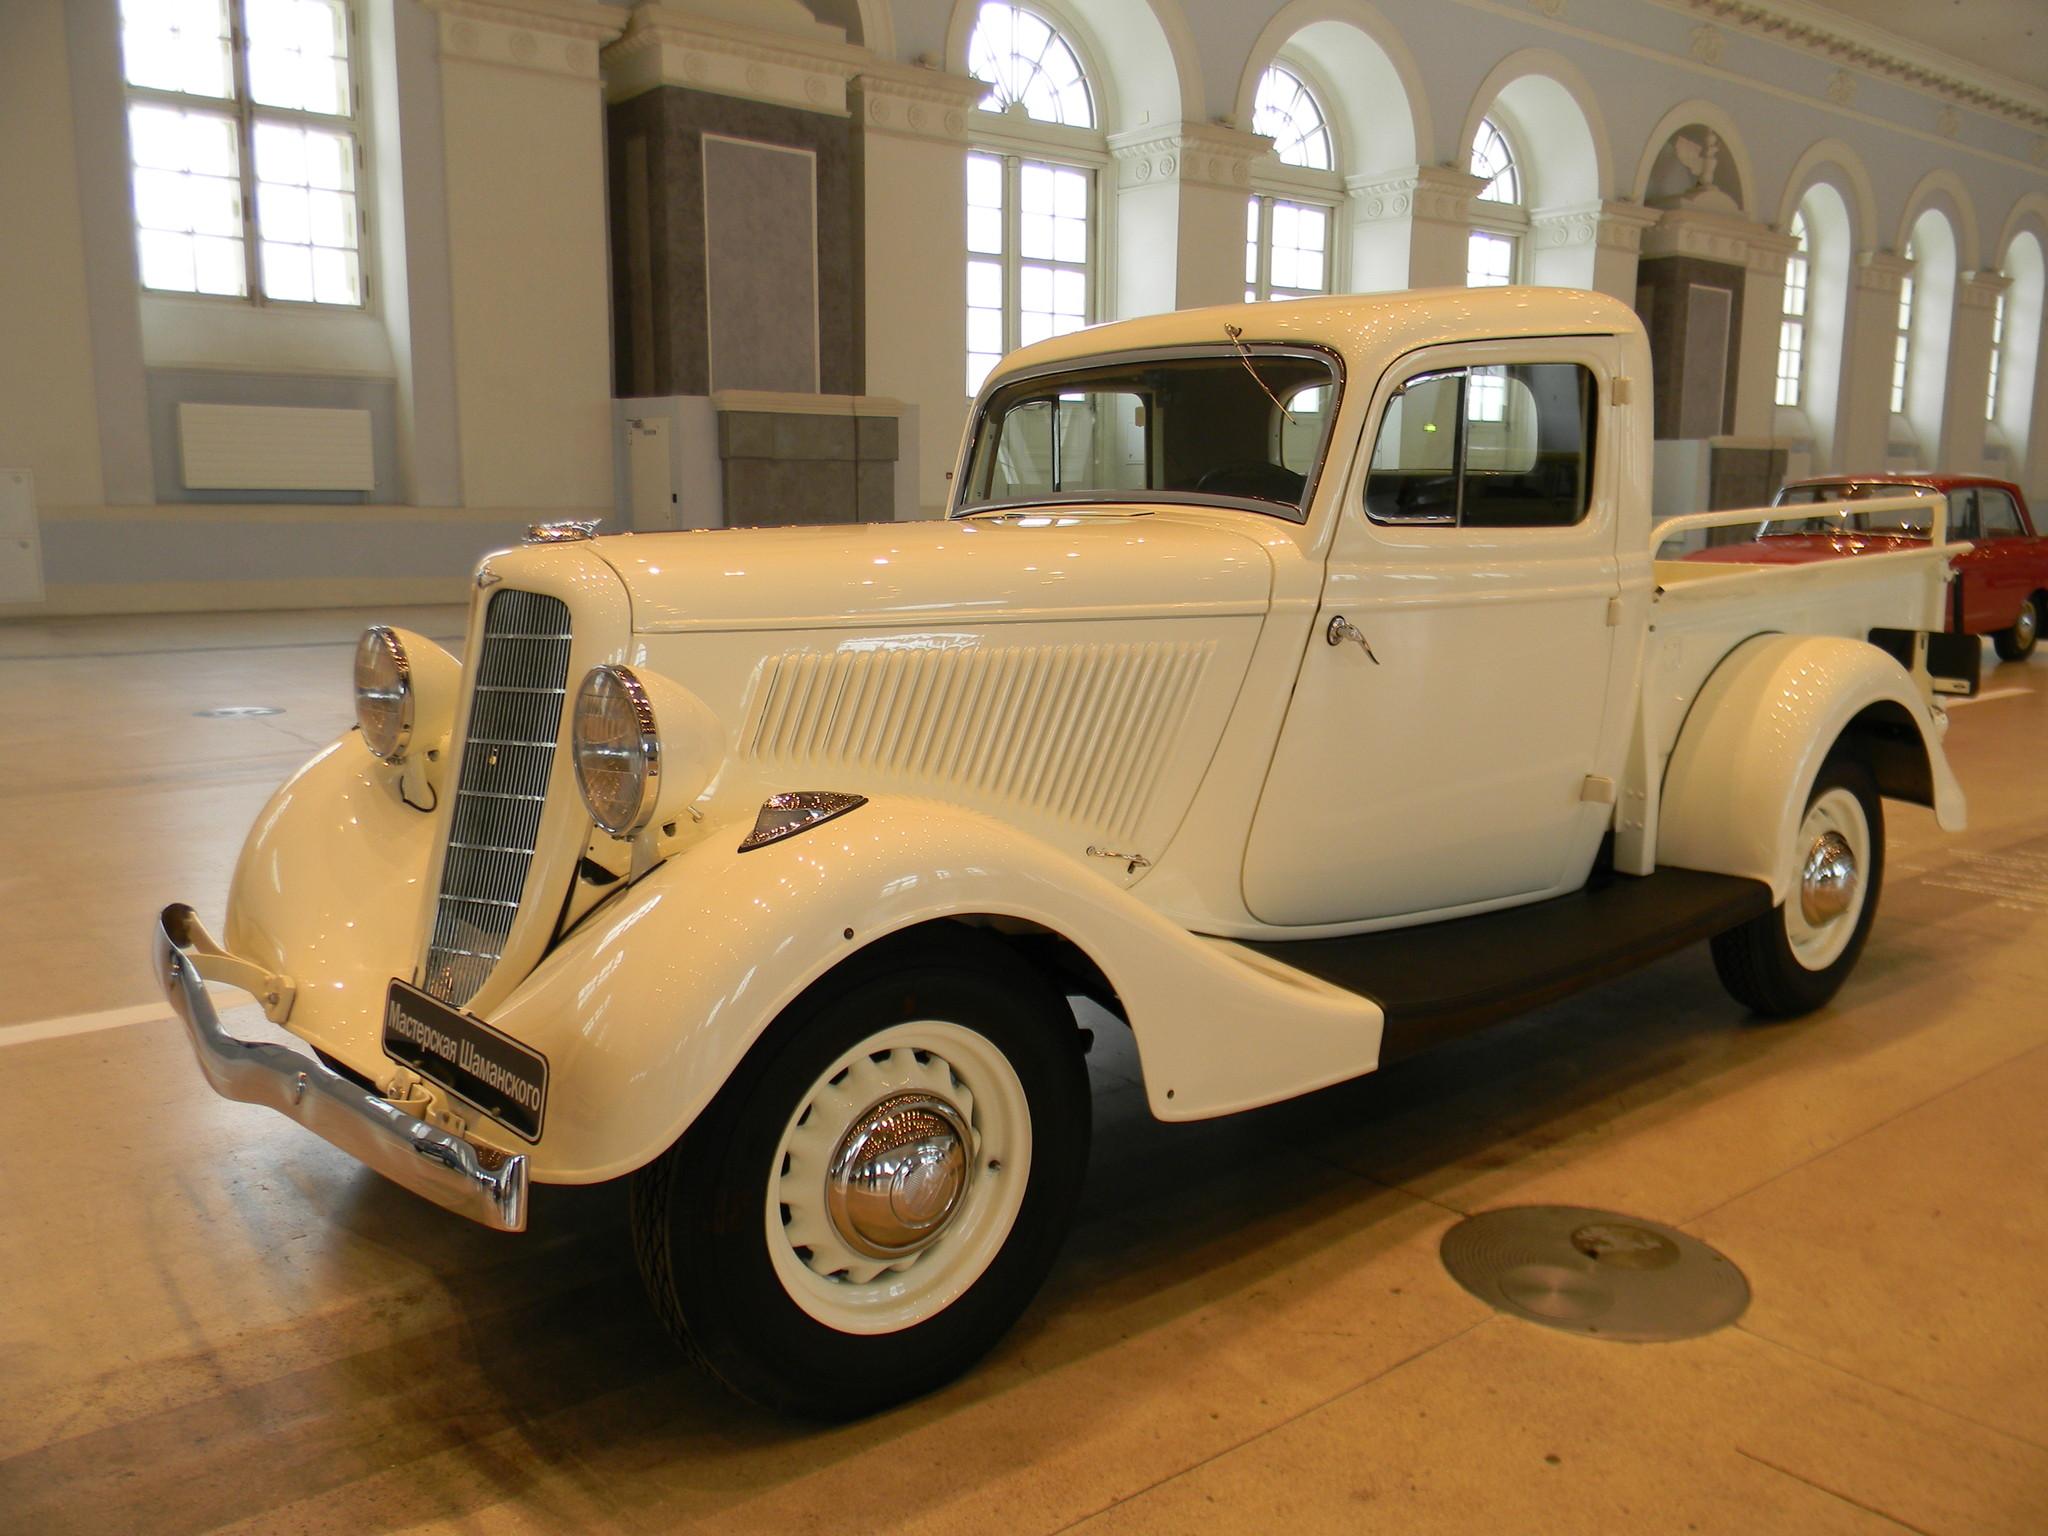 Автомобиль ГАЗ-М-415 в Центральном выставочном зале «Манеж»